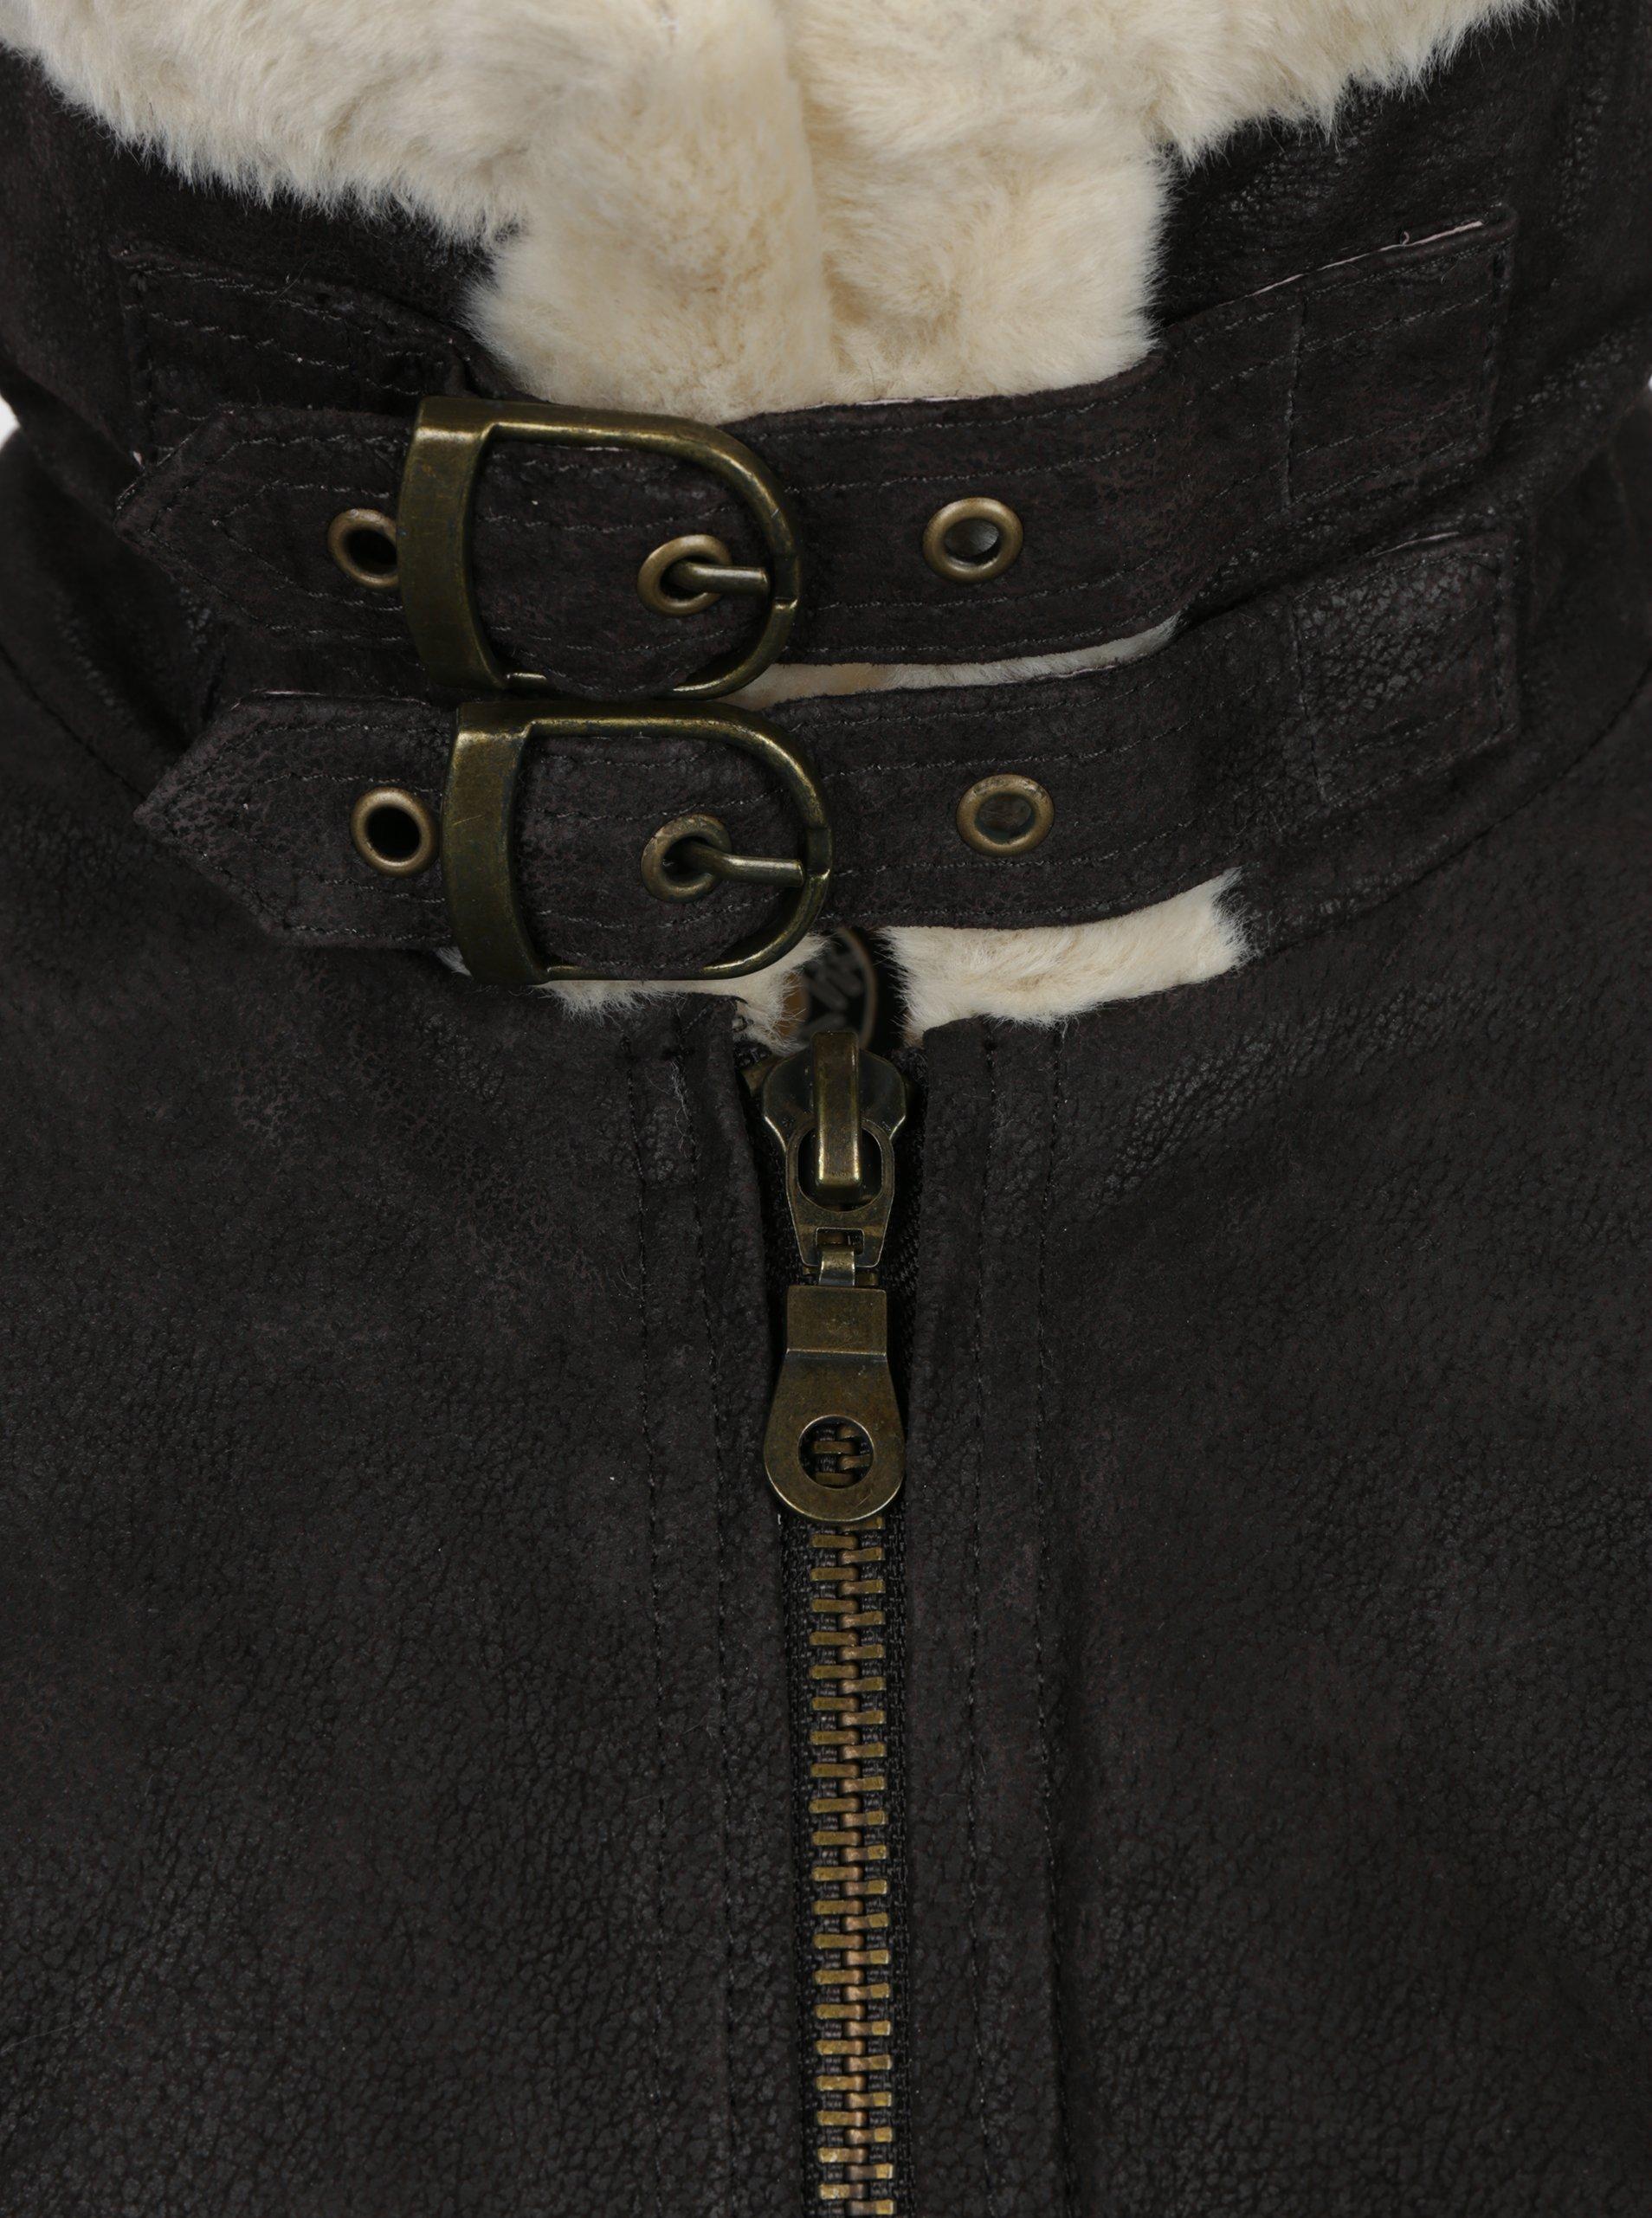 Hnědá pánská kožená bunda s umělou kožešinou KARA - SLEVA ... b6b66c2124b